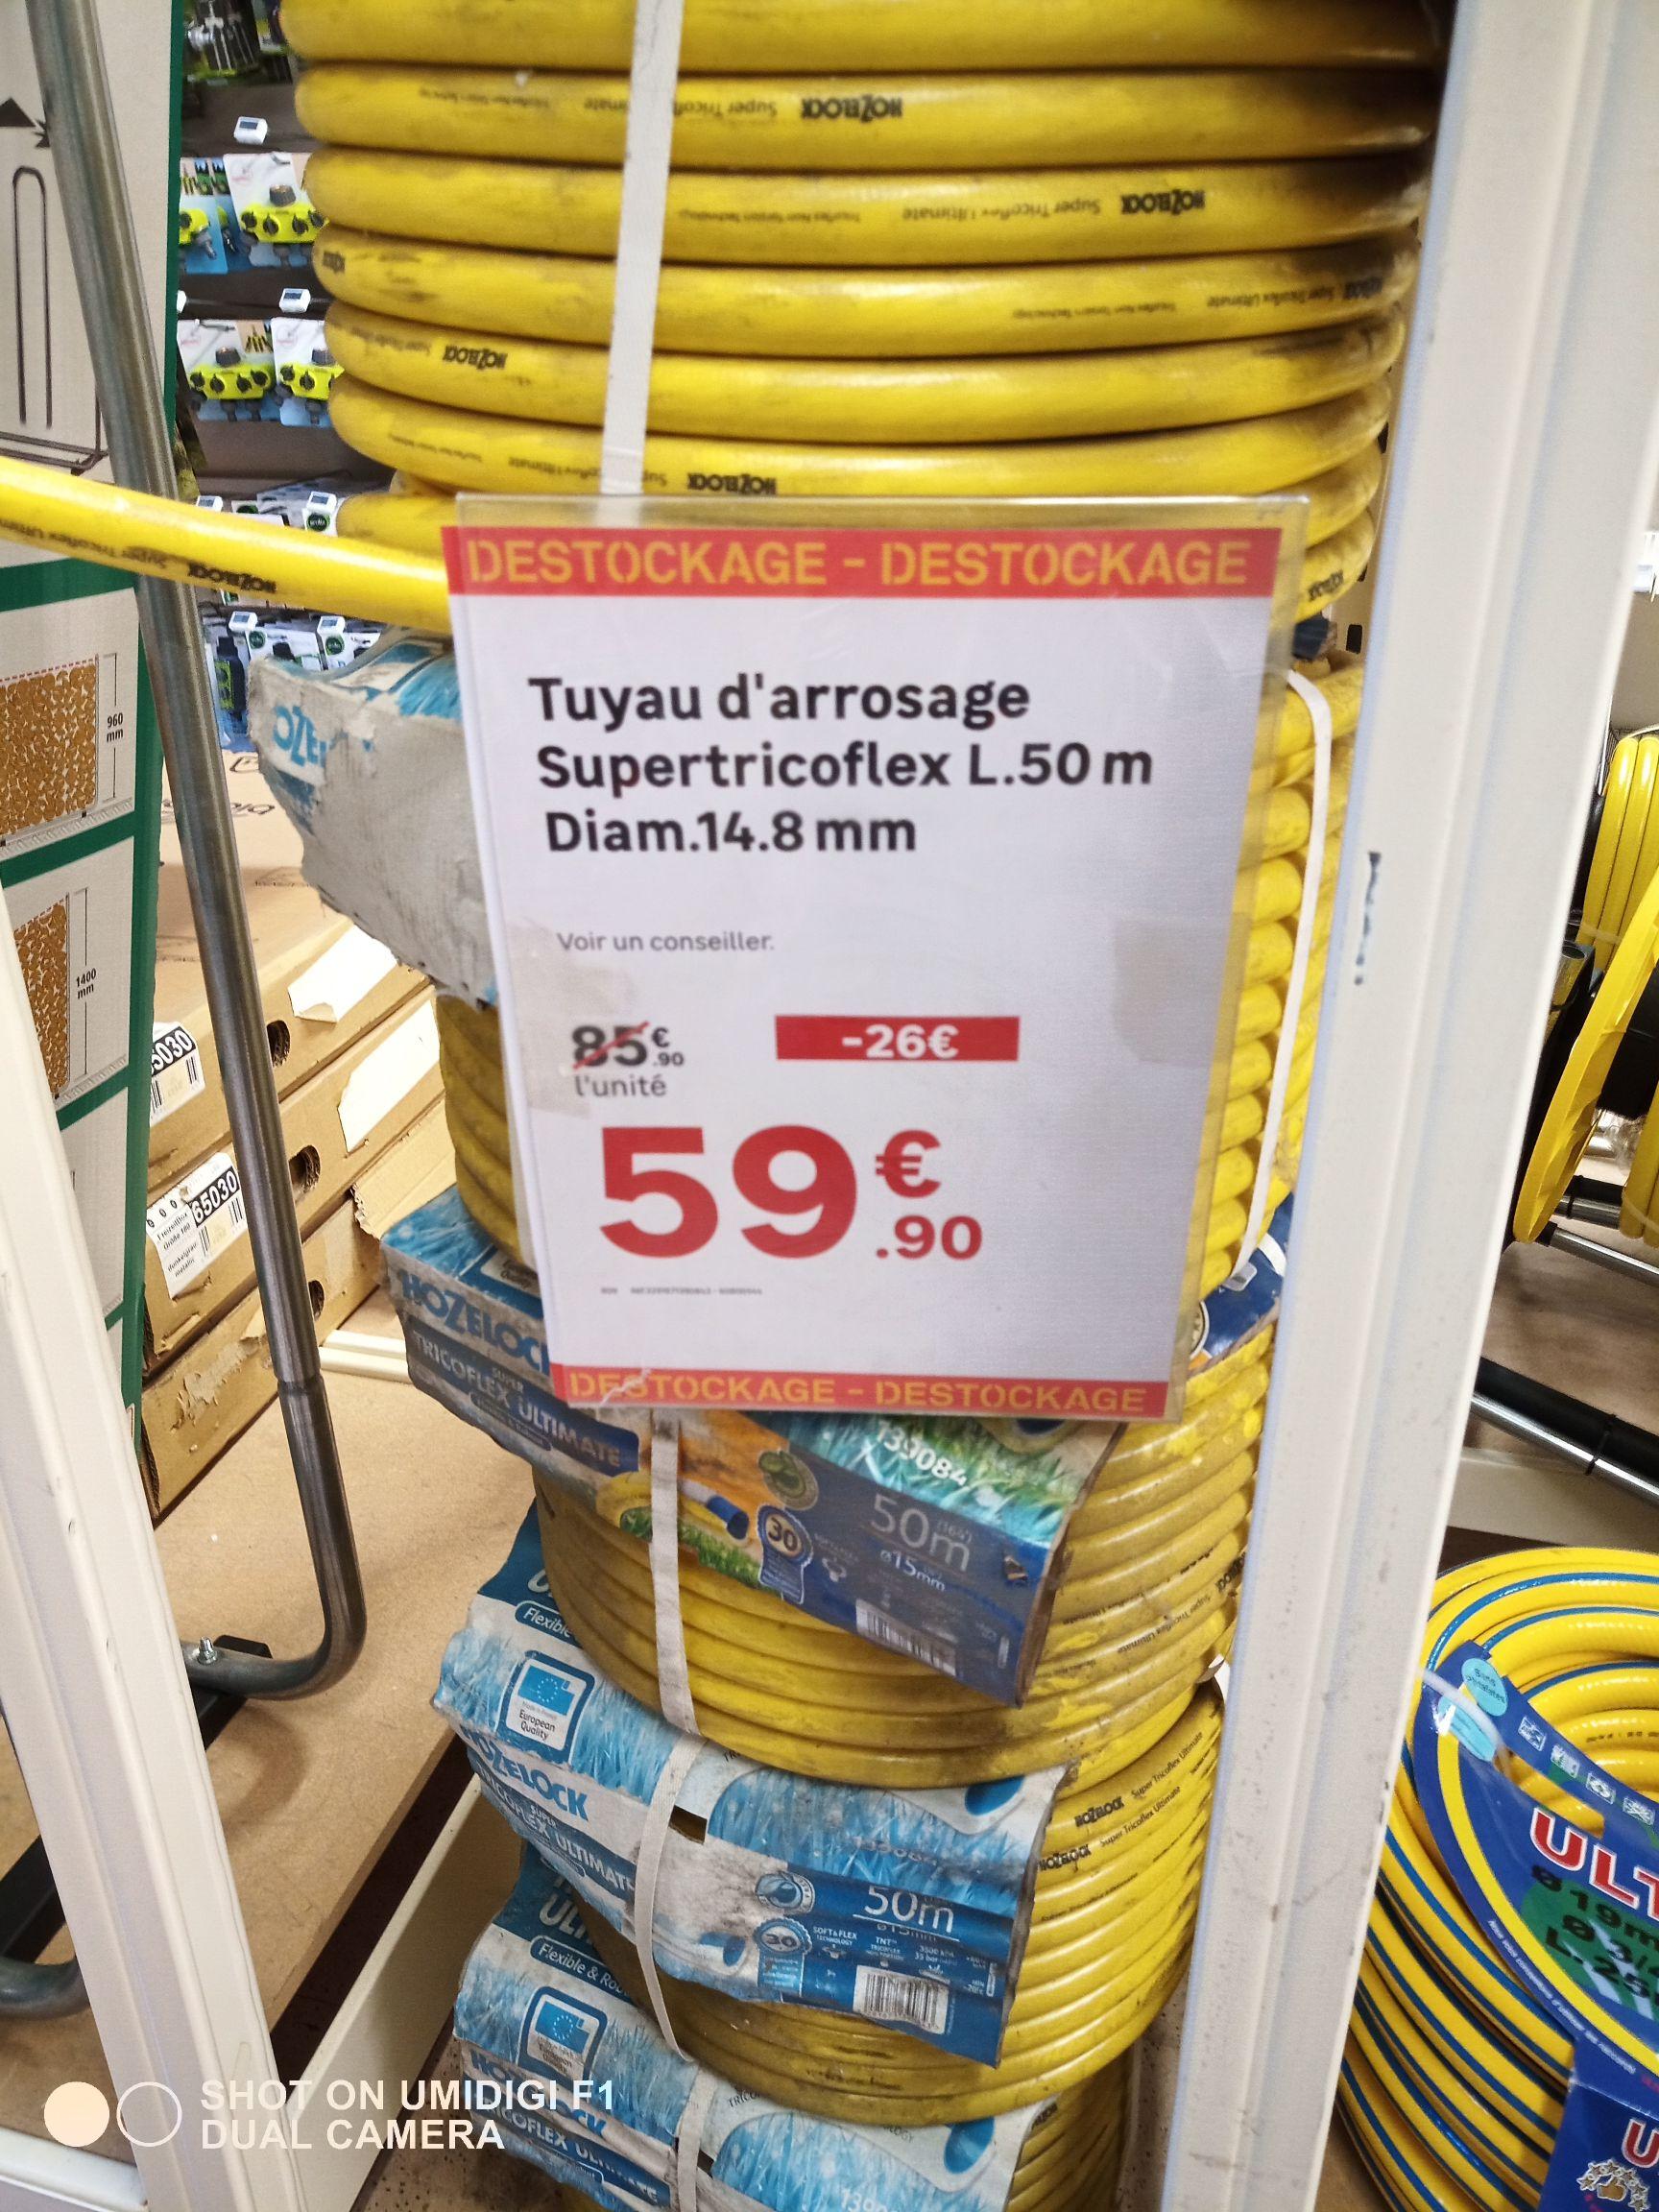 Tuyau Arrosage 50m 1000 Images About Tuyaux D 39 Arrosage